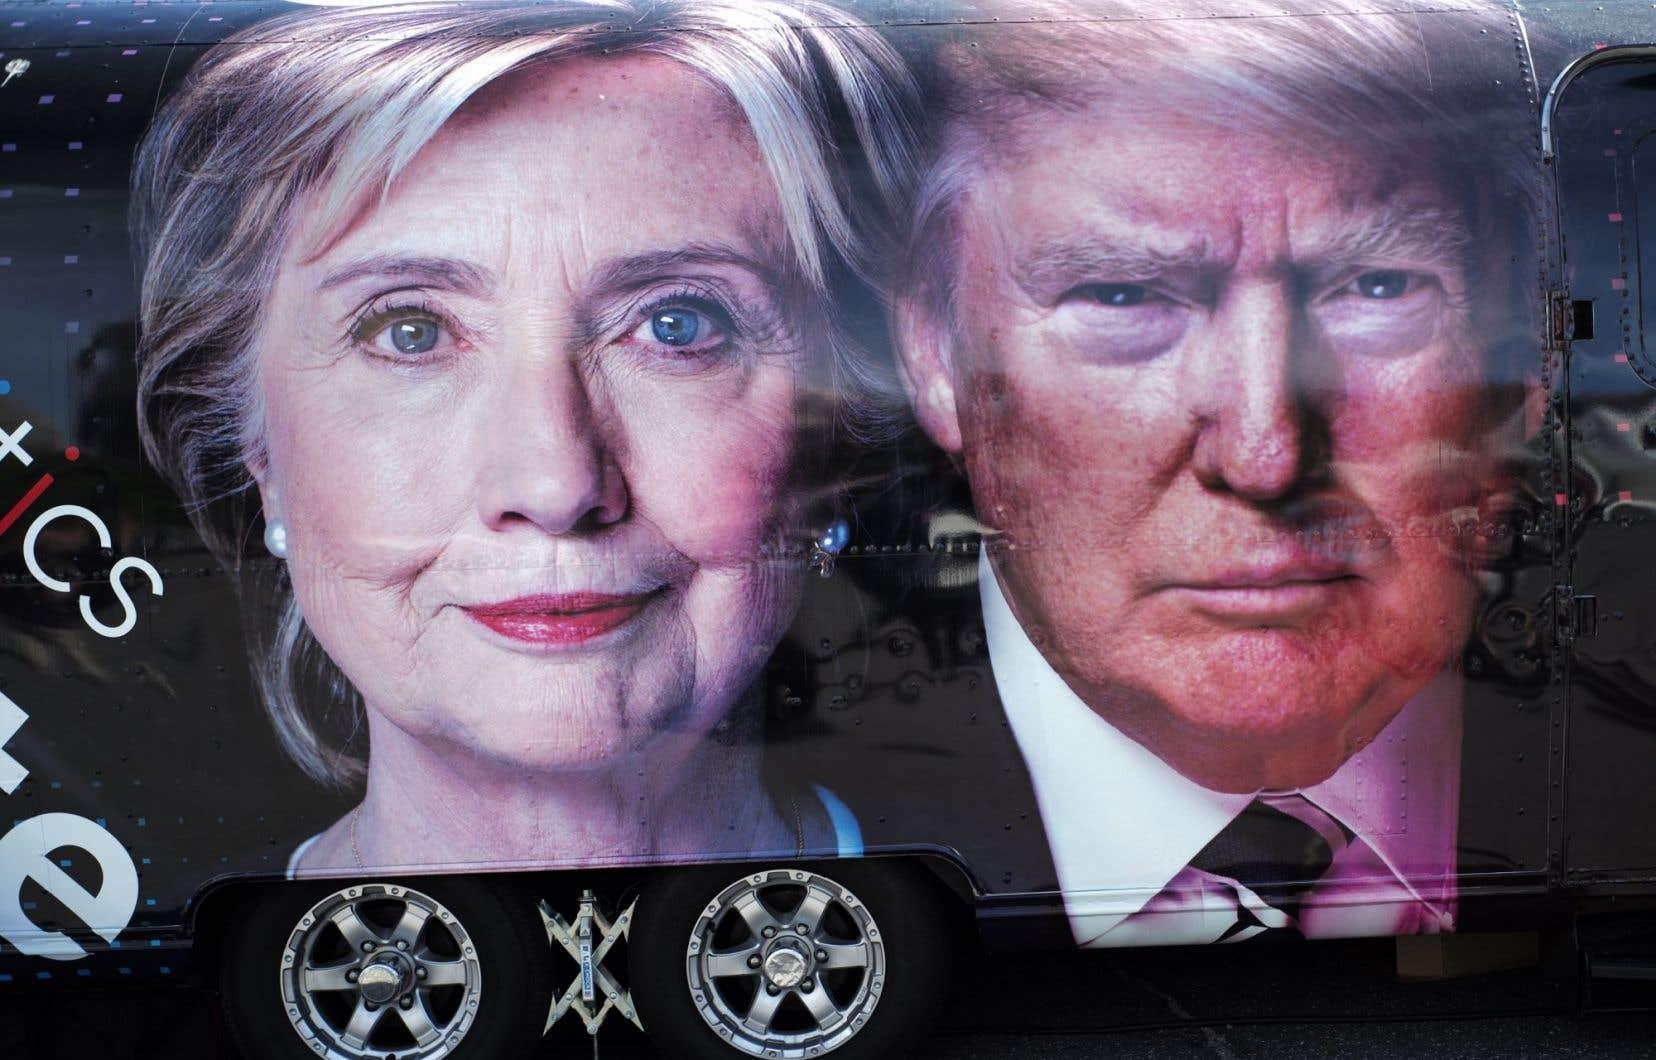 Les Américains décideront aujourd'hui qui, de la démocrate Hillary Clinton ou du républicain Donald Trump, dirigera la plus grande puissance mondiale au cours des prochaines années.